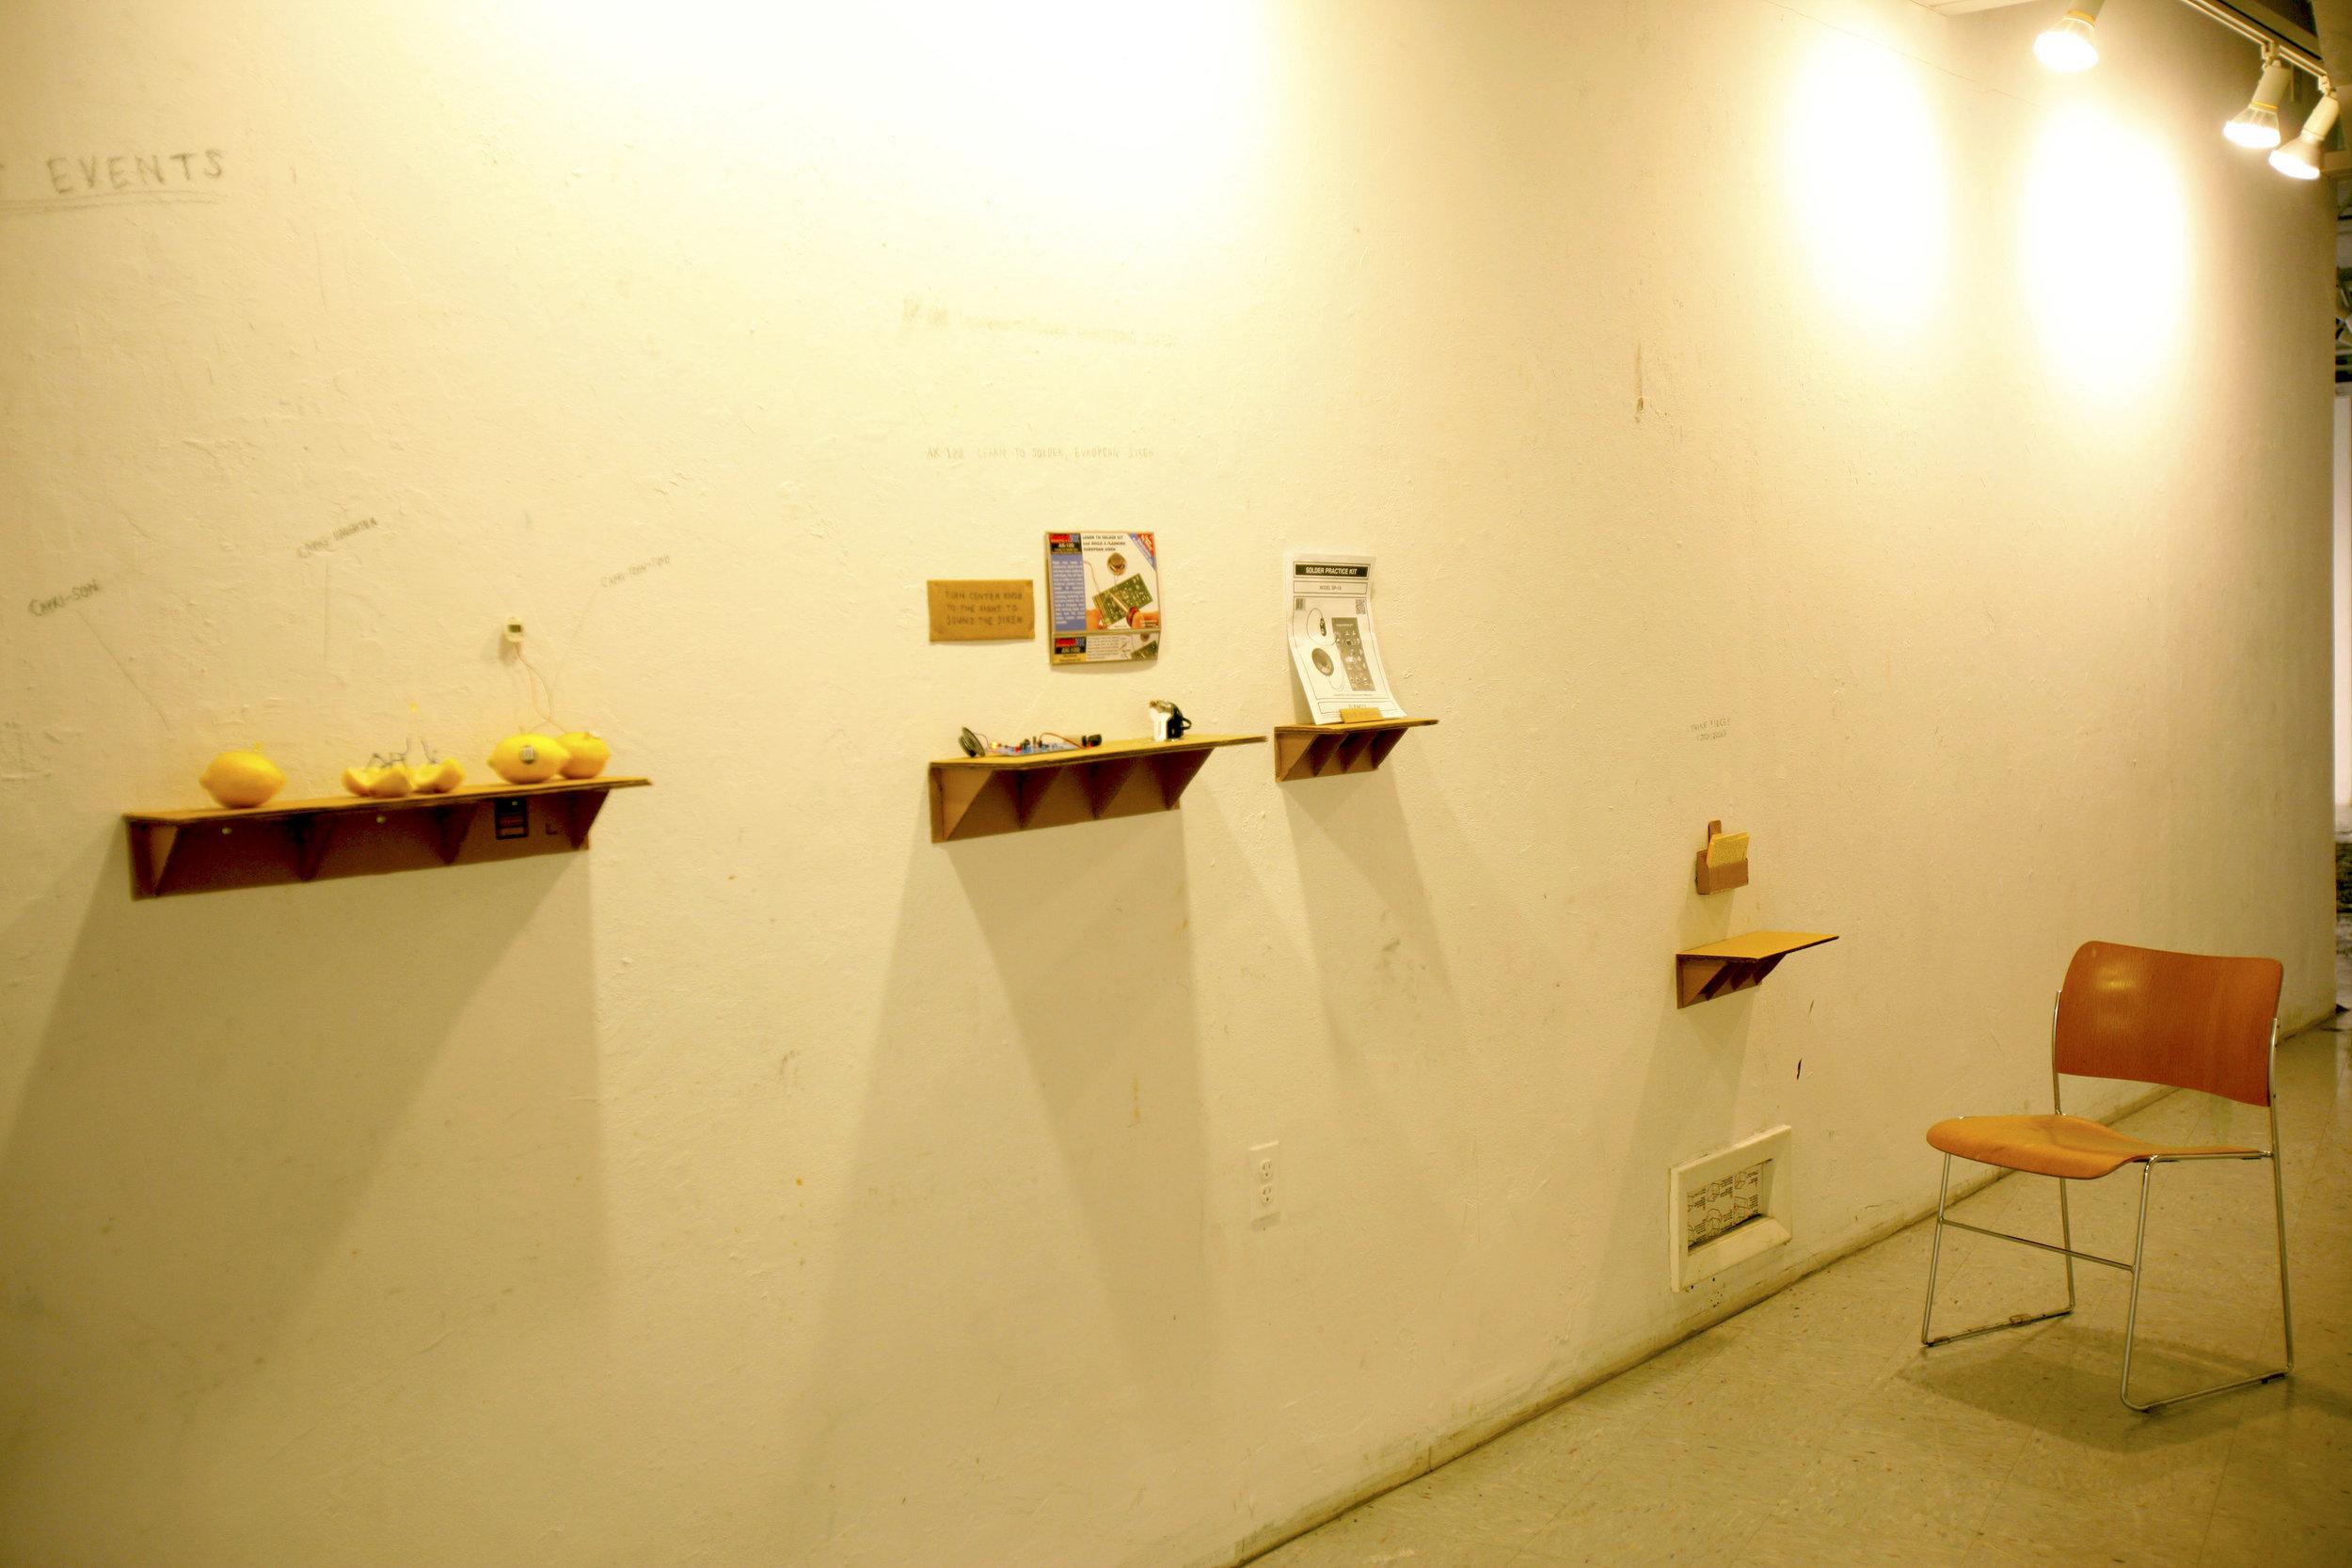 installation at bard mfa 1st year show